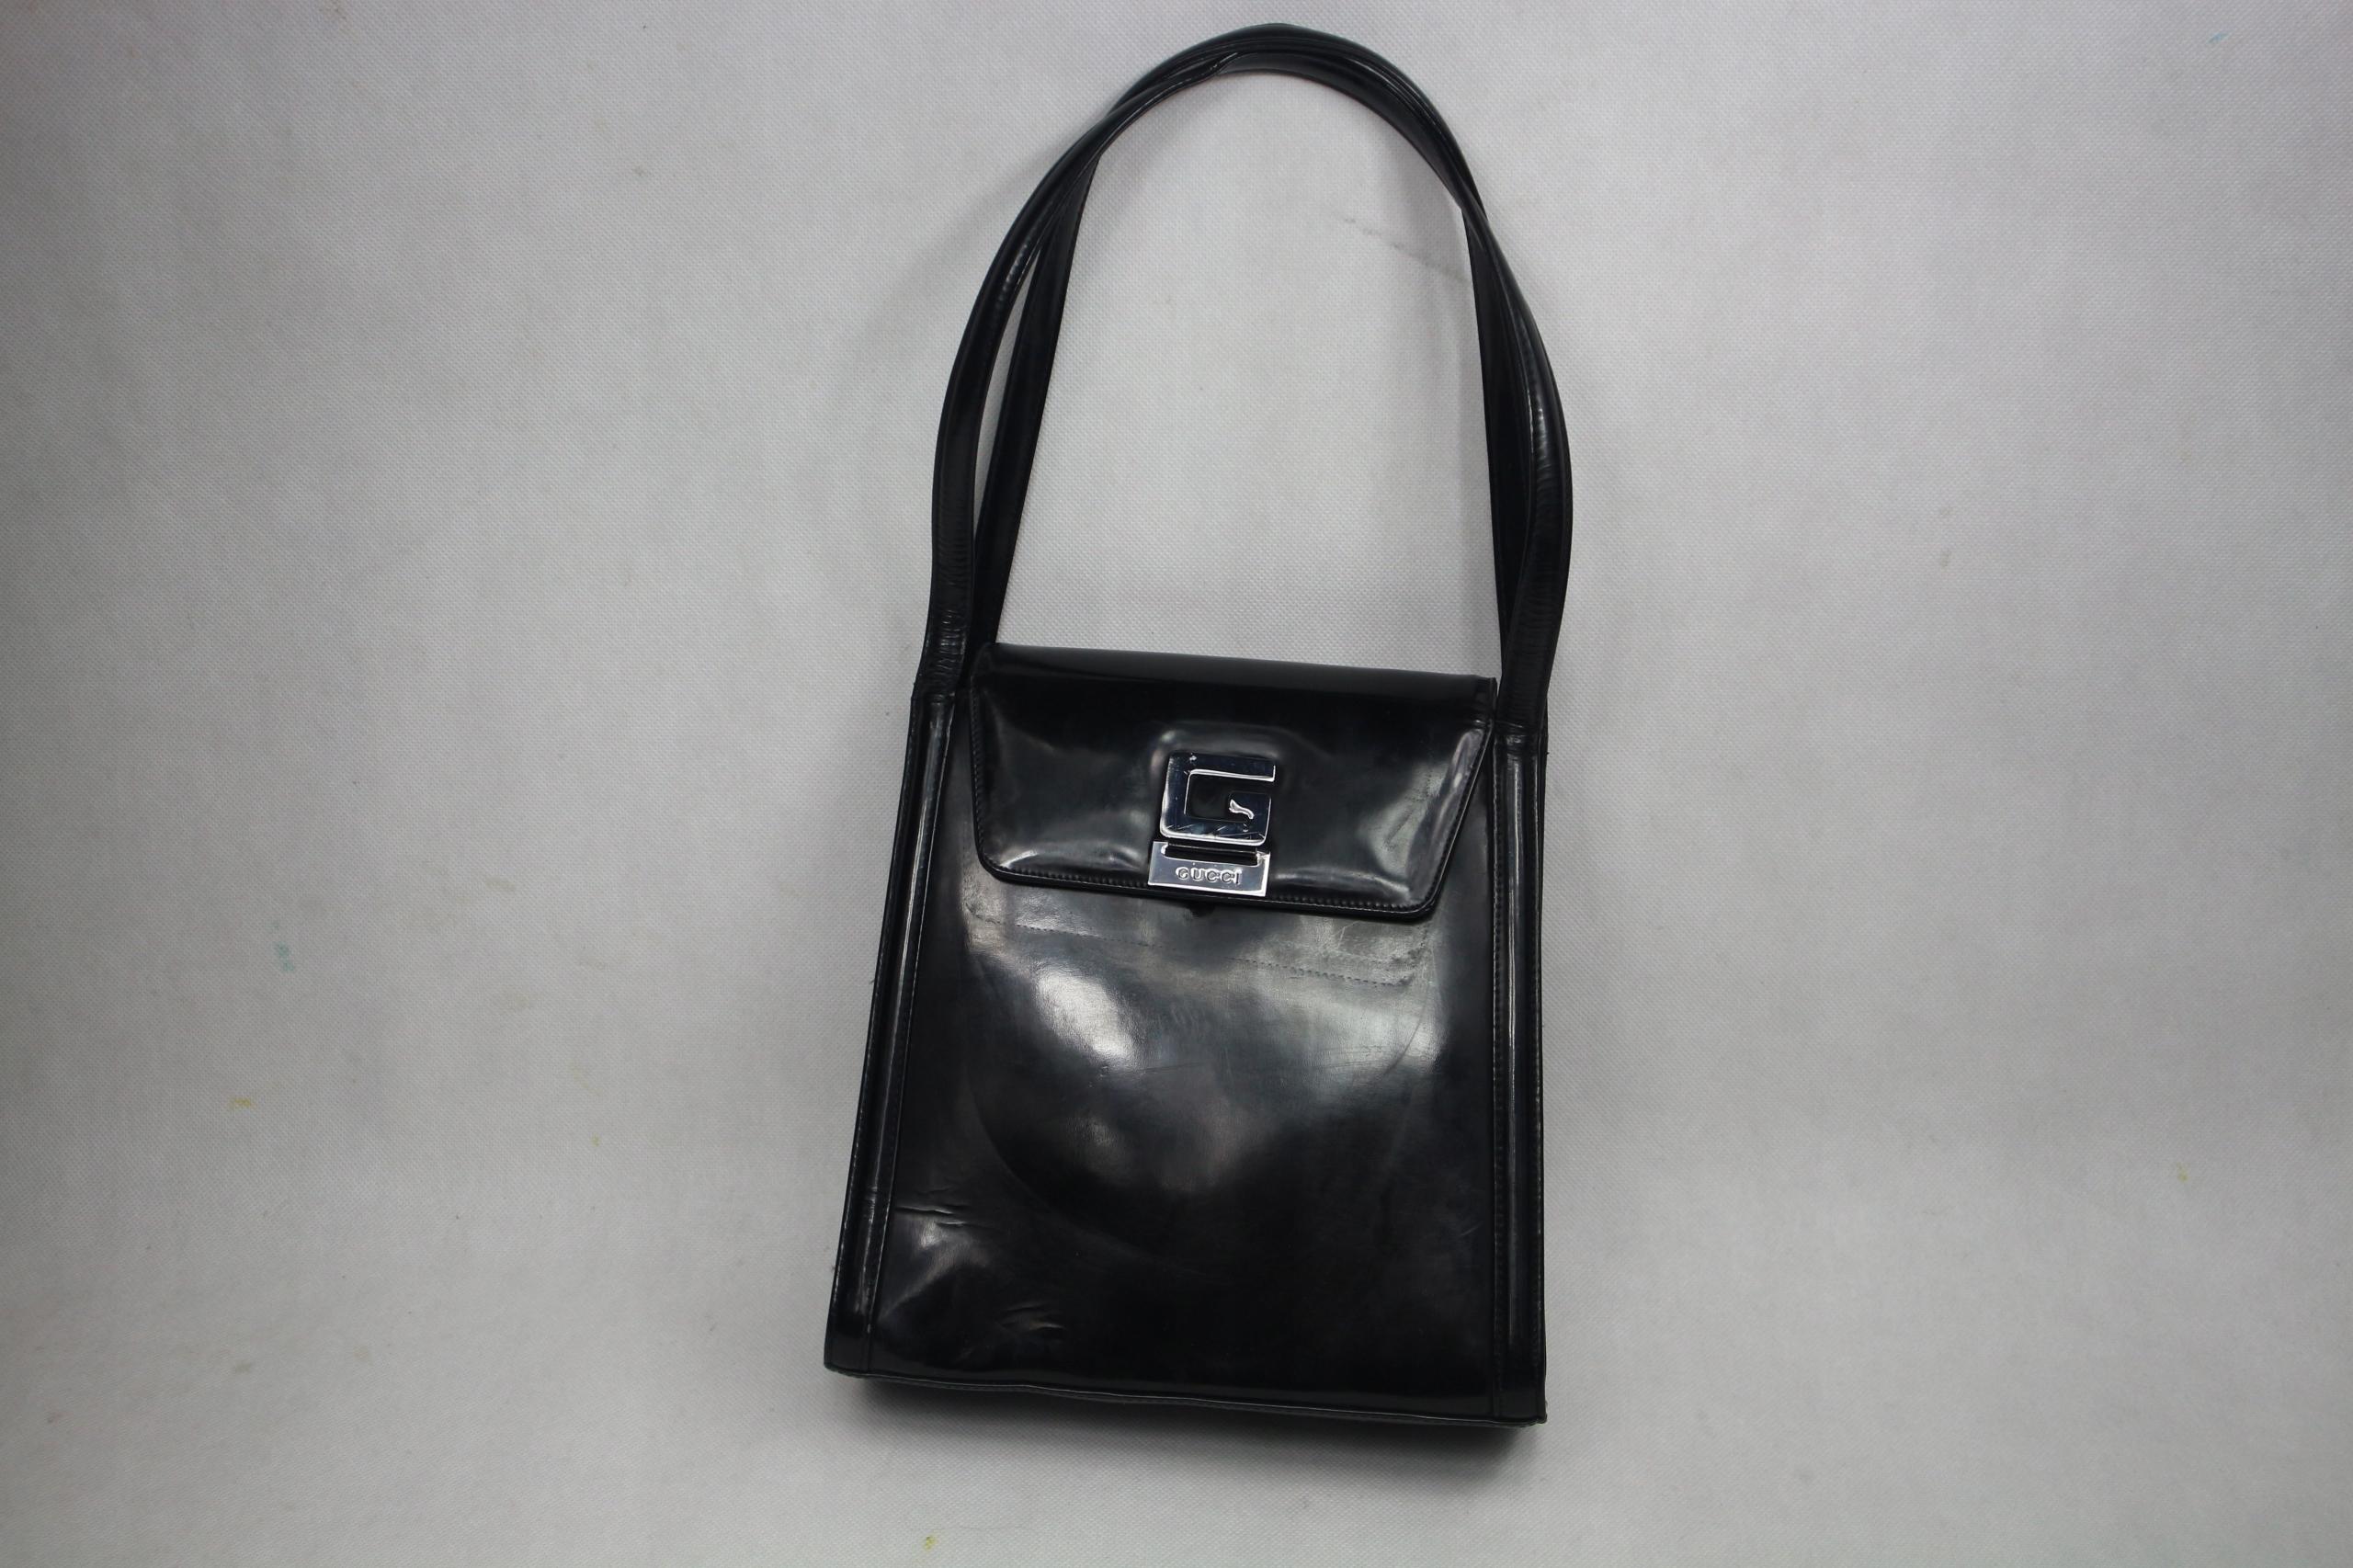 23e9913aff4b1 Gucci stylowy elegancki kuferek torebka - 7708658527 - oficjalne ...